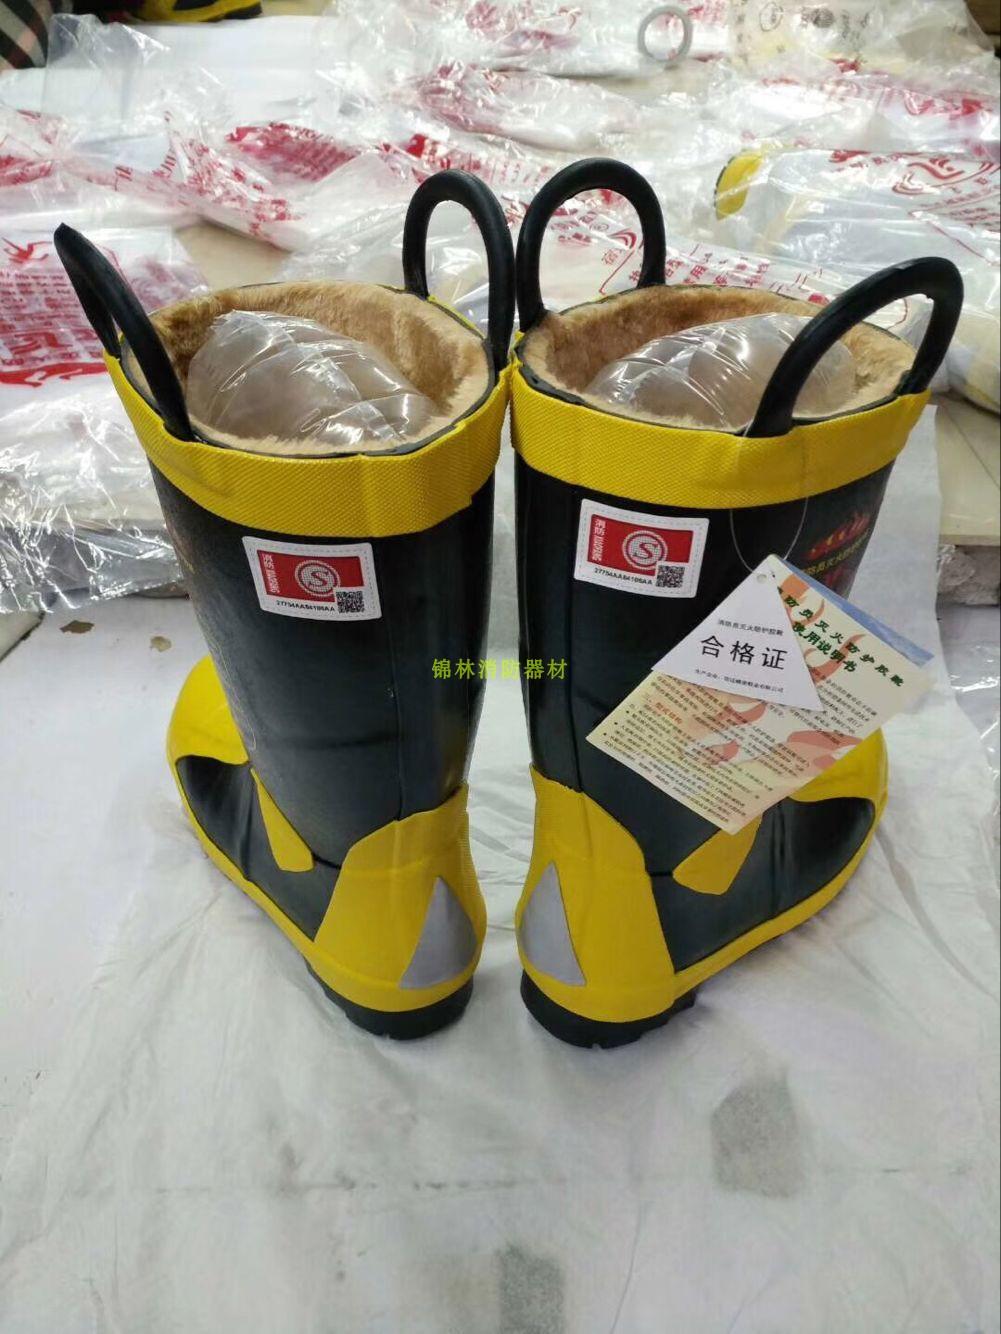 02款消防防护靴 消防战斗靴灭火防护靴消防胶靴底部带钢板包头